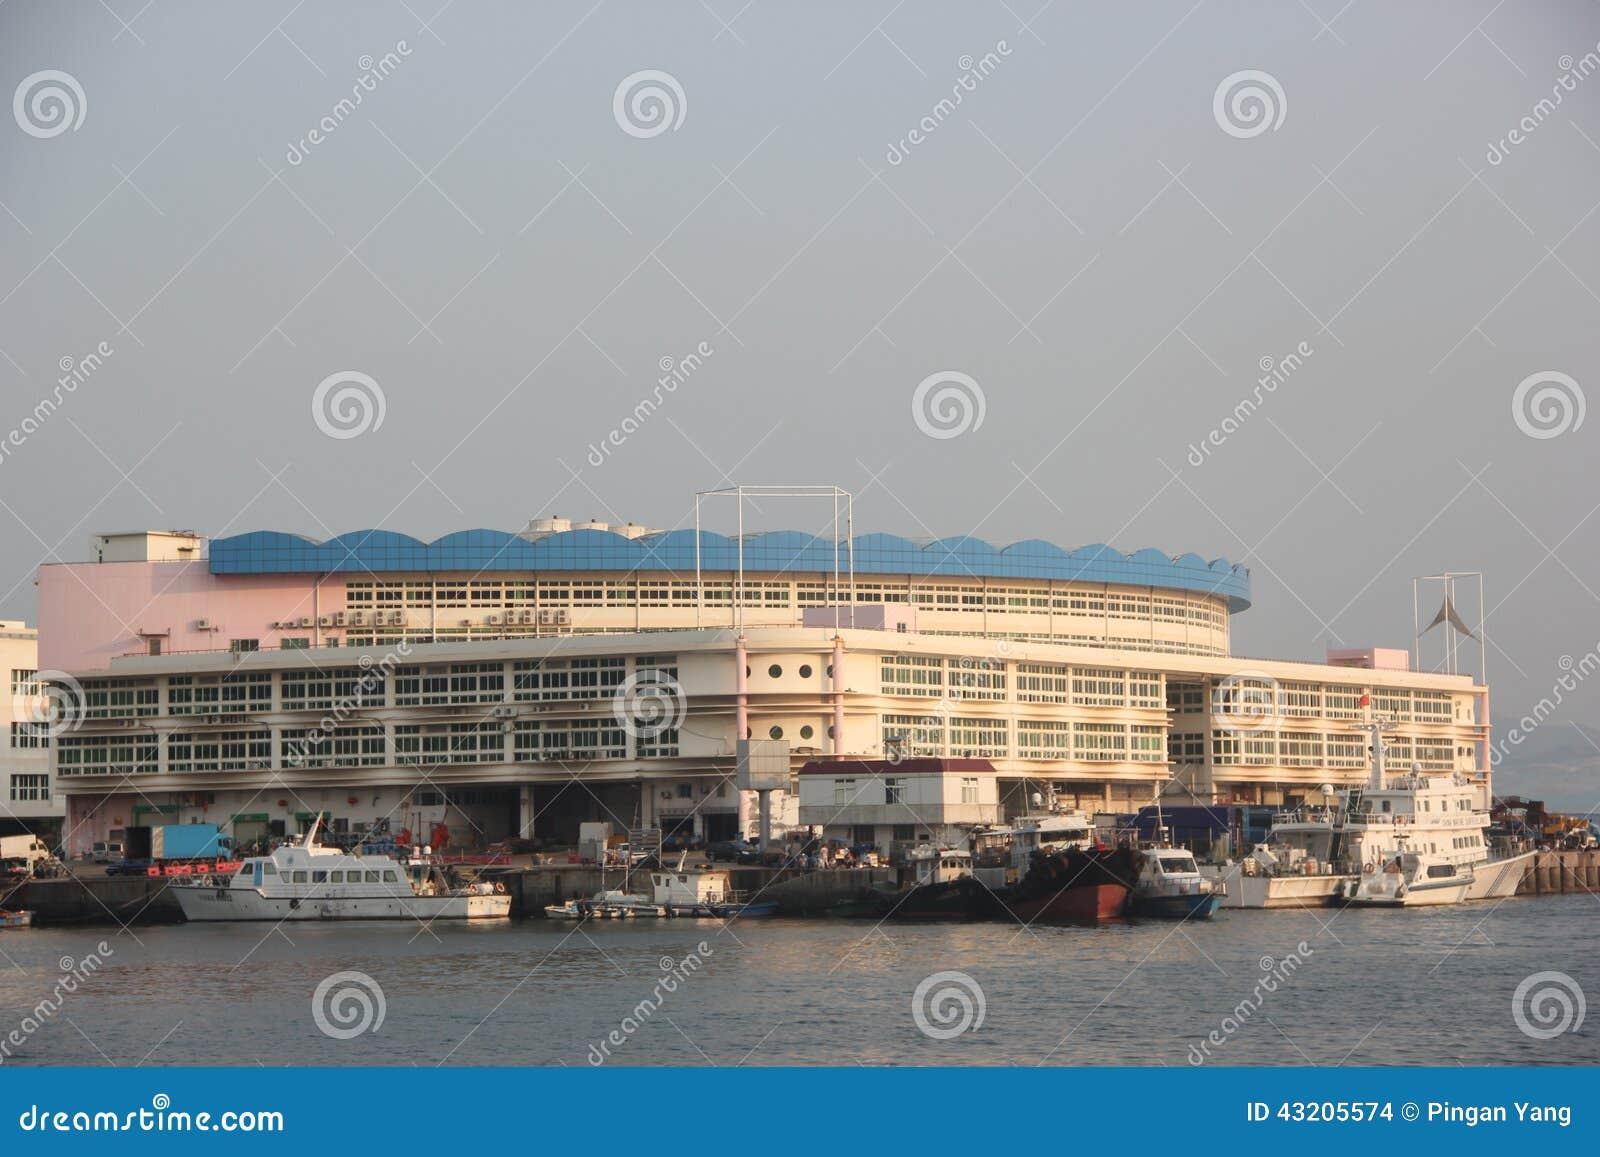 Download Kylförvaring I Port För Shenzhen Nanshan Shekoufiske Redaktionell Fotografering för Bildbyråer - Bild av export, bygger: 43205574